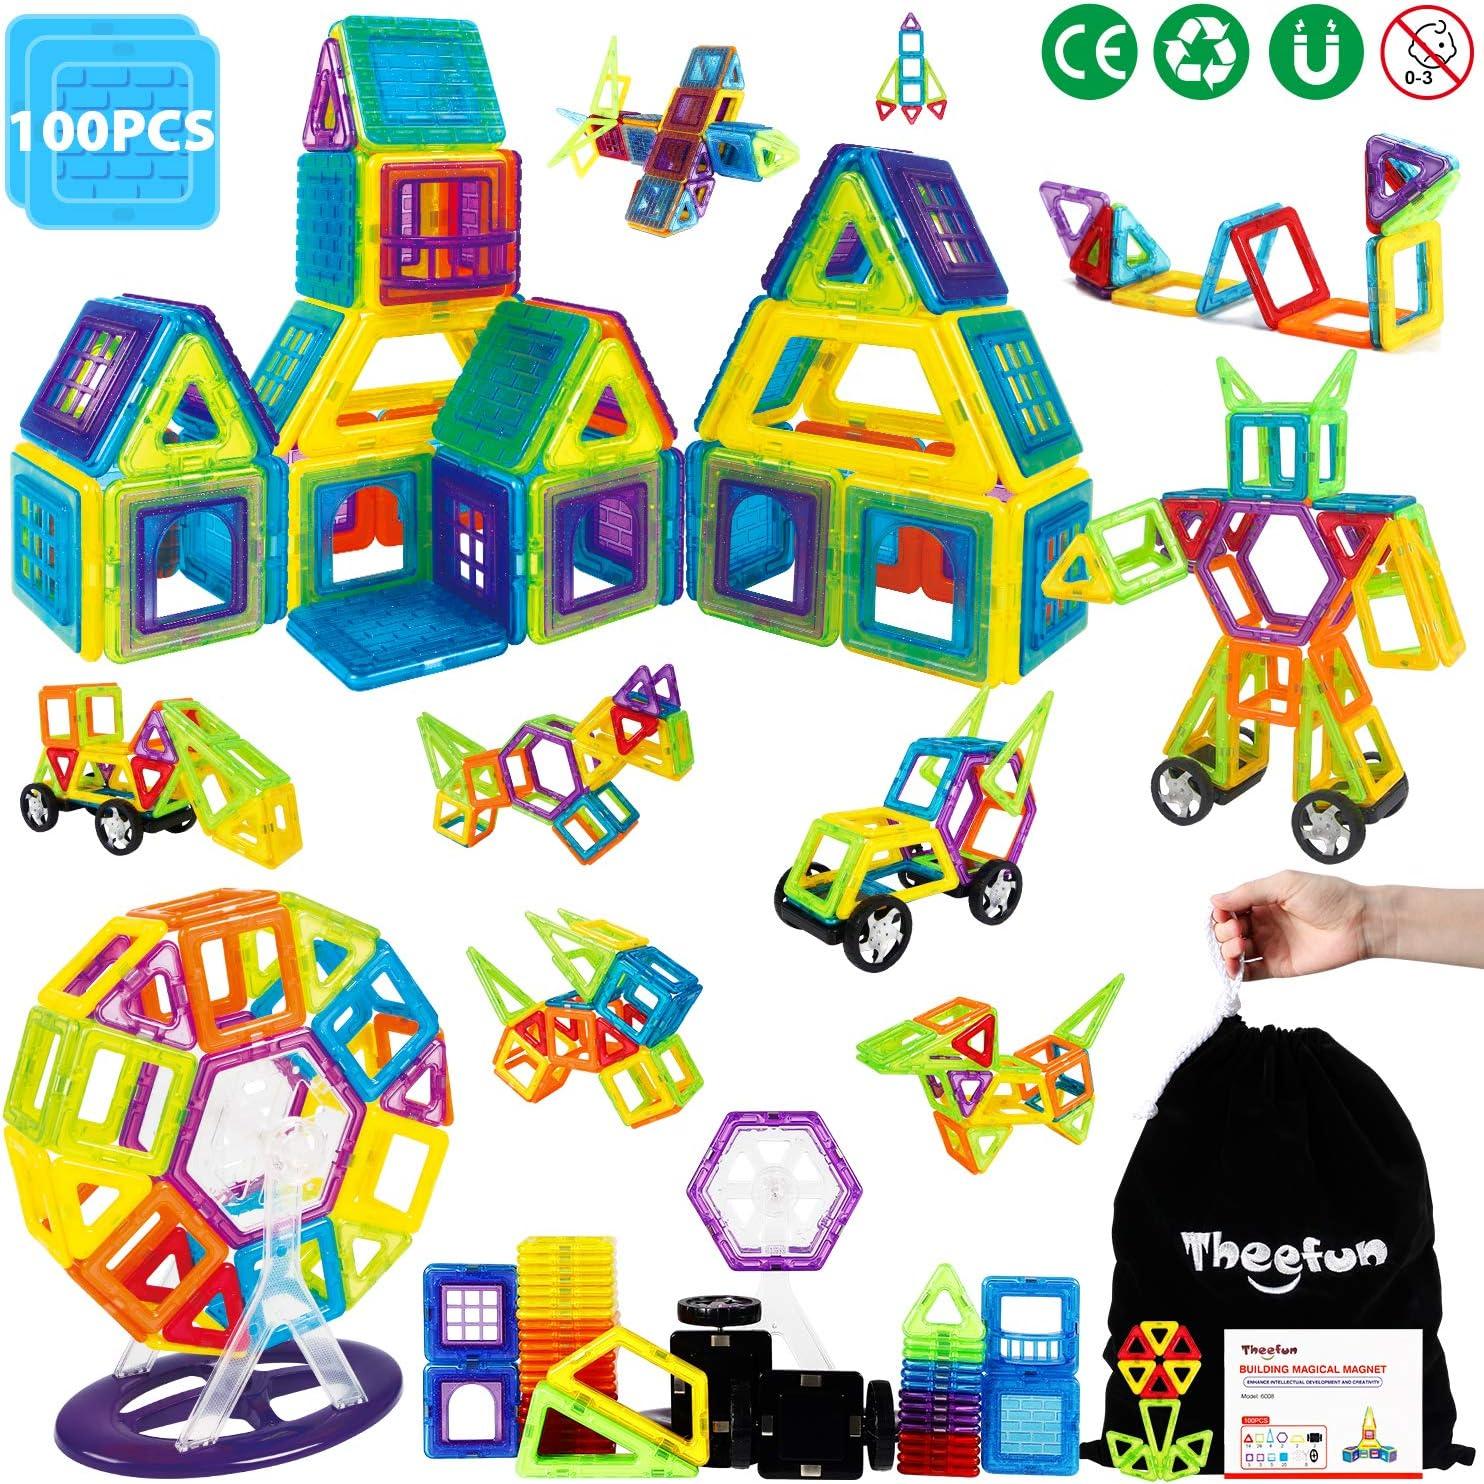 Theefun® Bloques de Construcción Magnéticos Set Arco Iris con 100 Piezas Inspira Set Estándar de Construcción - Juguetes Creativos y Educativos – Bolsa de Almacenamiento